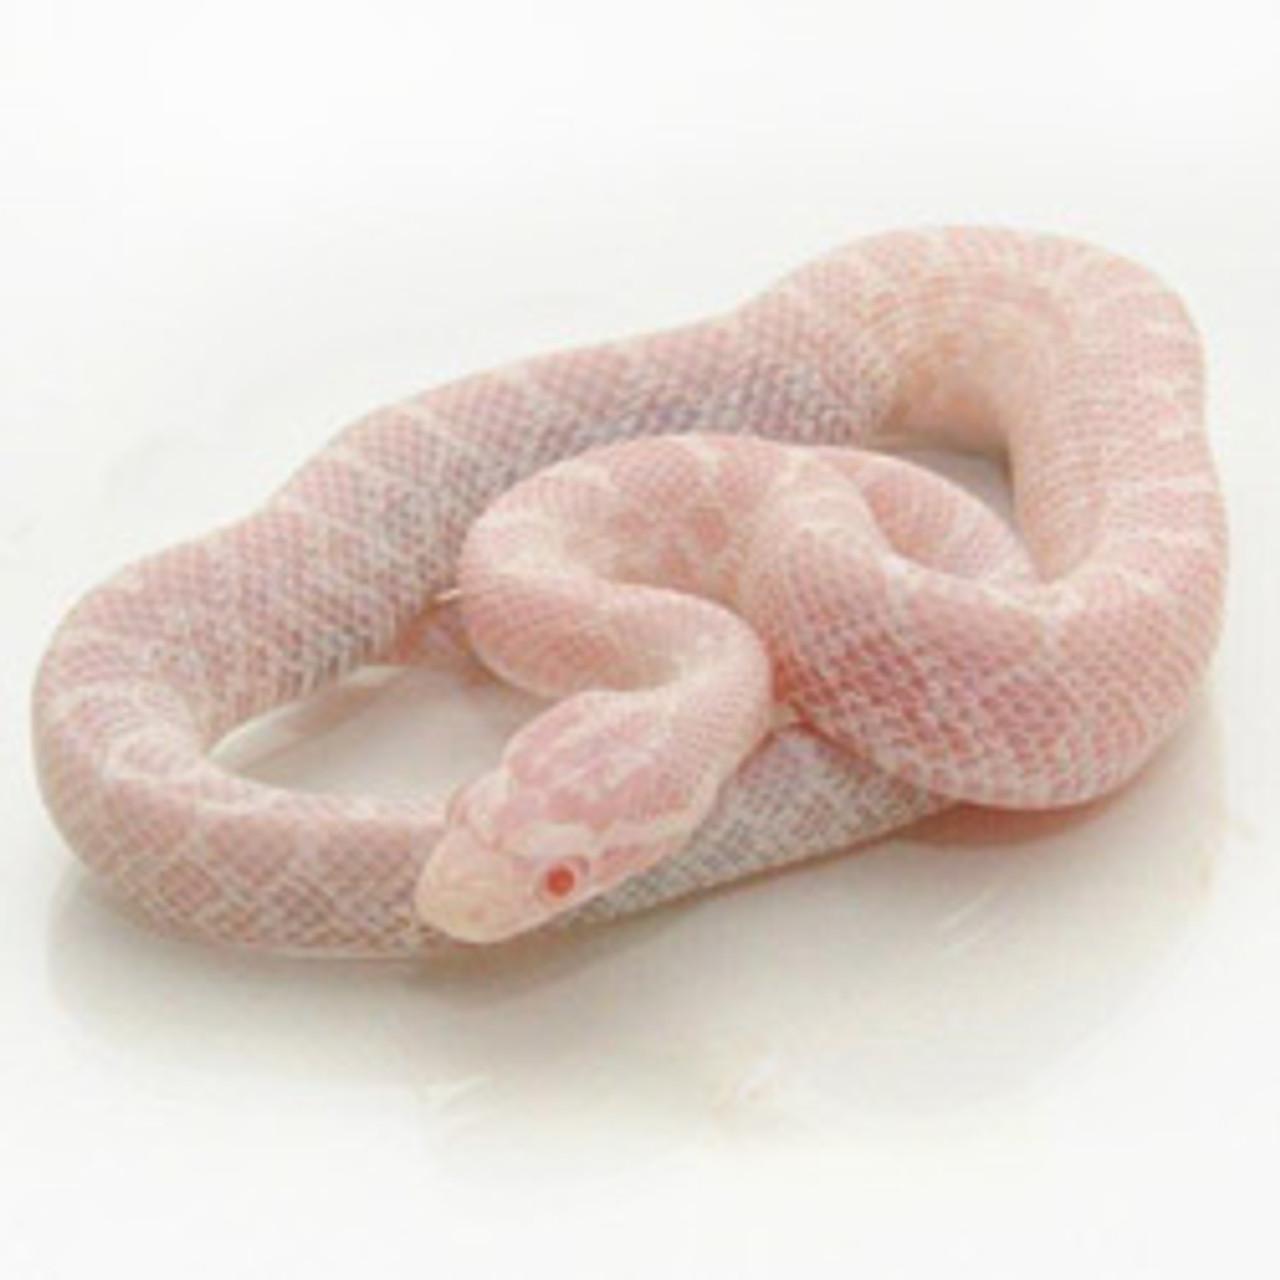 Snow Emoryi Rat snake (Pantherophis emoryi)